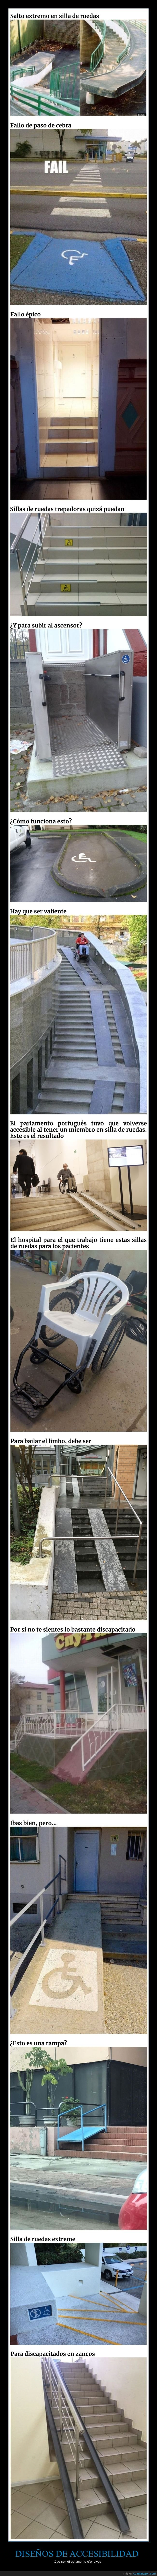 accesibilidad,discapacitados,diseños,fails